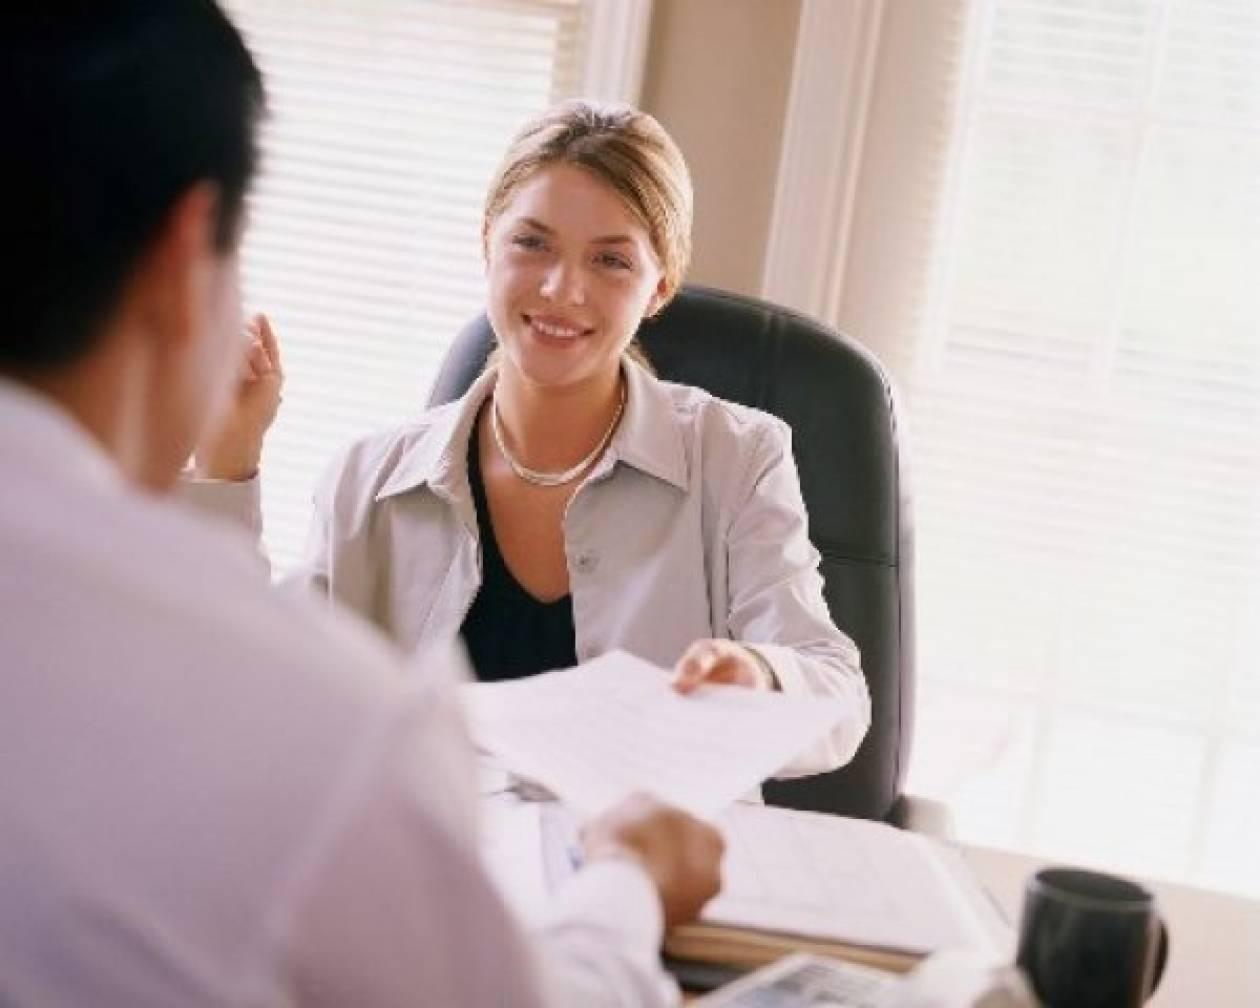 3 ερωτήσεις που πρέπει να απαντήσετε σωστά κατά τη συνέντευξή σας